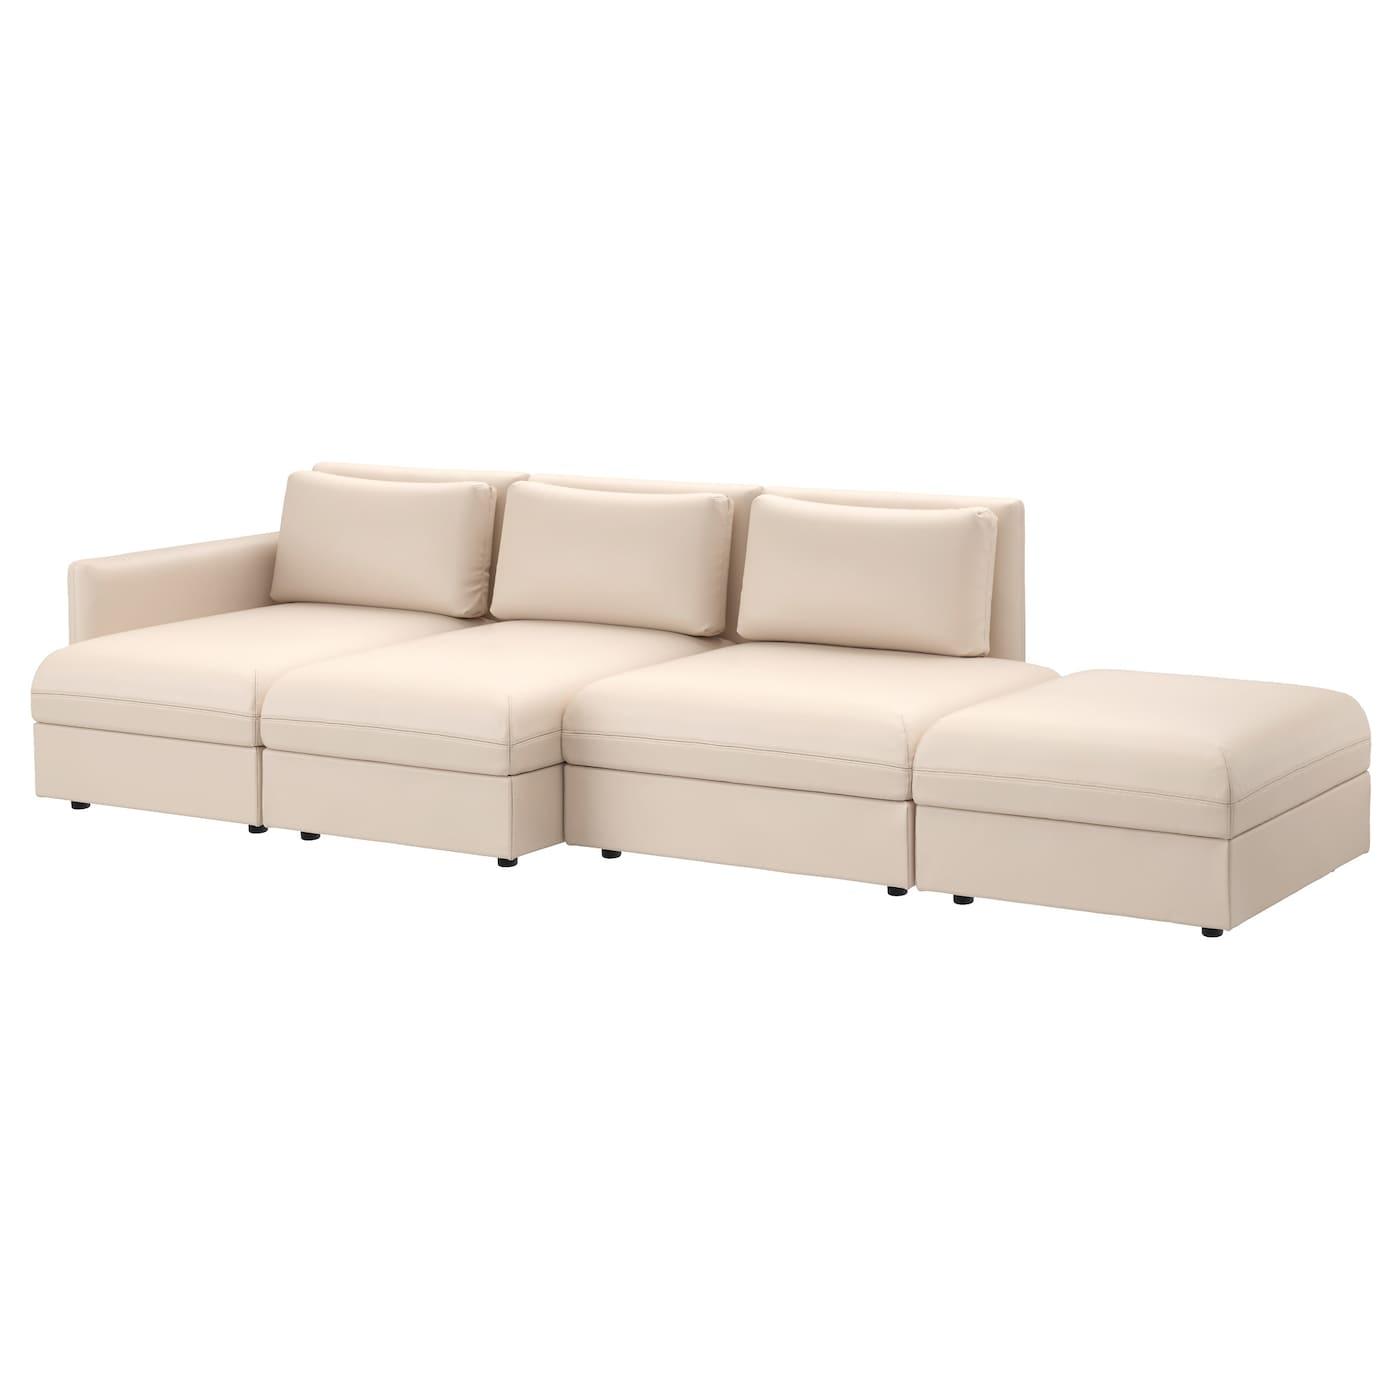 VALLENTUNA, 4er-Sofa, Murum beige, beige 691.495.03